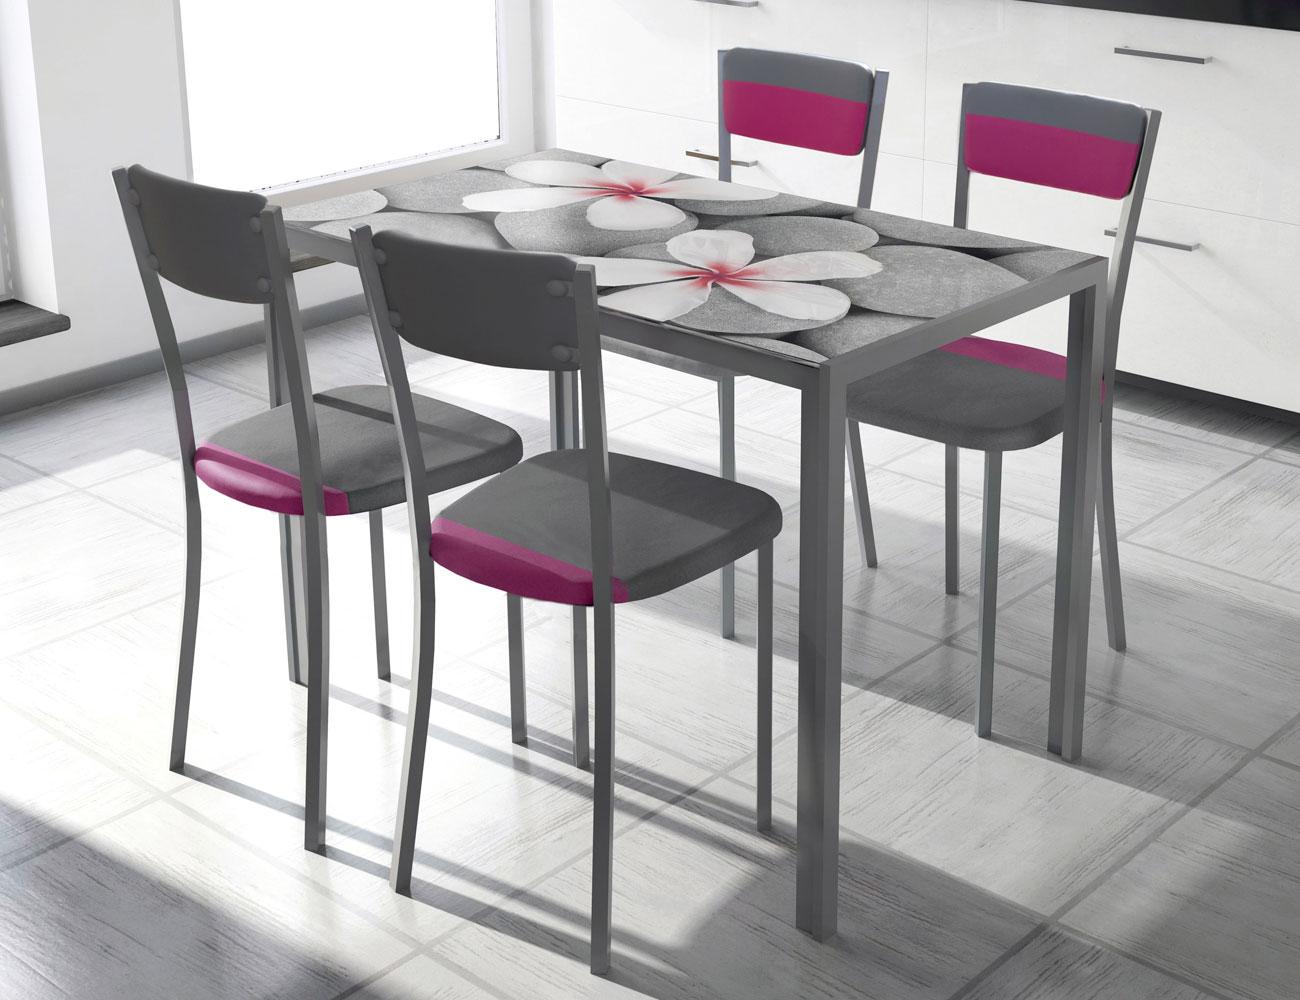 Mesa de cocina con cristal templando serigrafiado 3546 for Carritos con ruedas para cocina